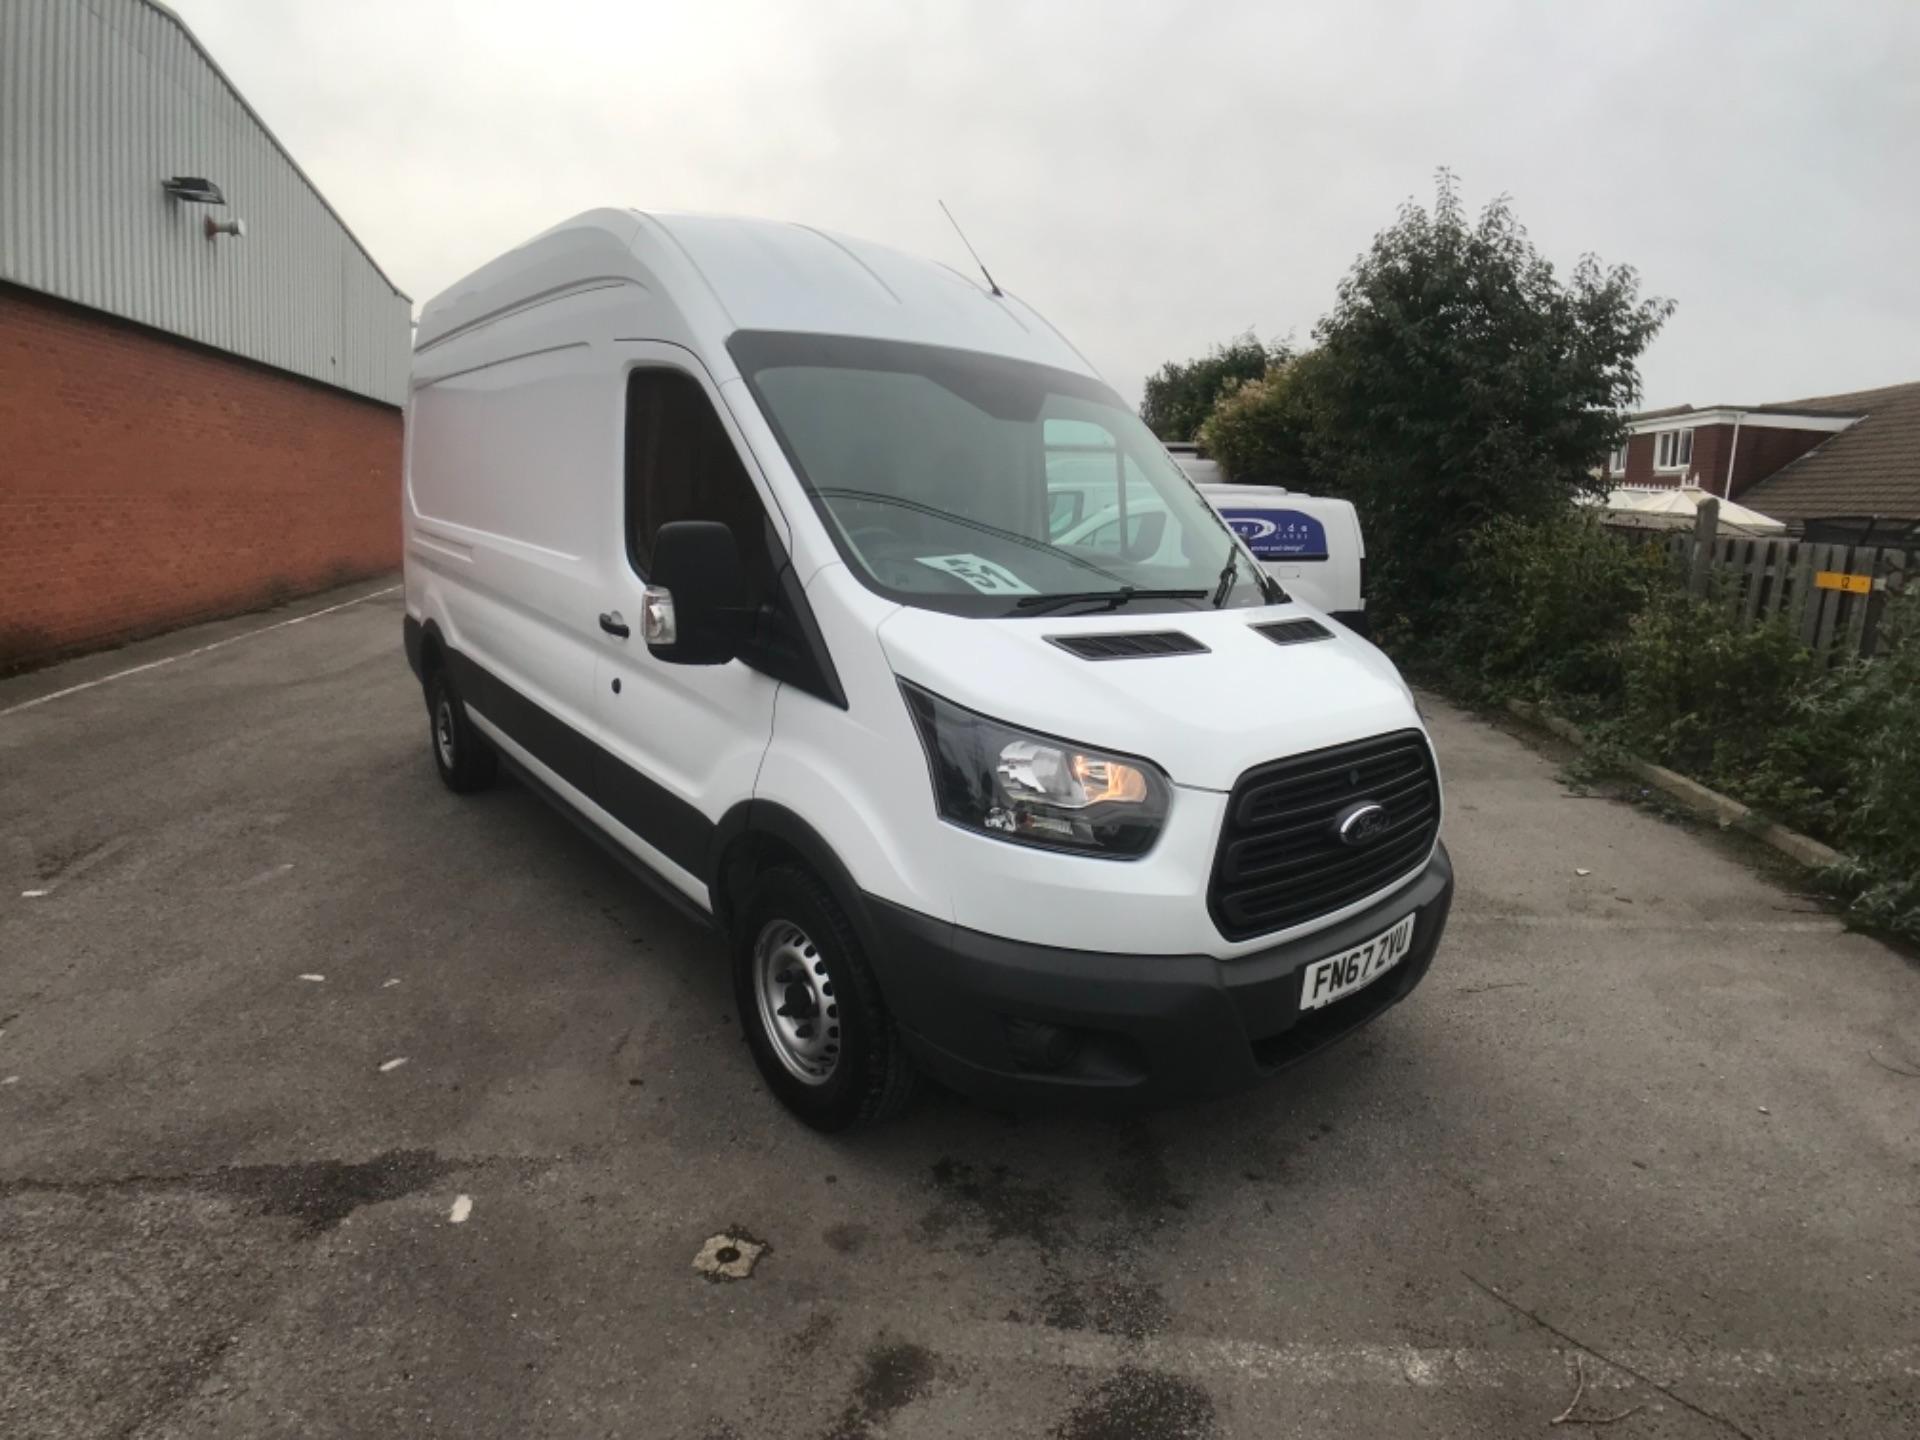 2017 Ford Transit 2.0 Tdci 130Ps H3 Van L3 H3 VAN 130PS EURO 6 (FN67ZVU) Image 1